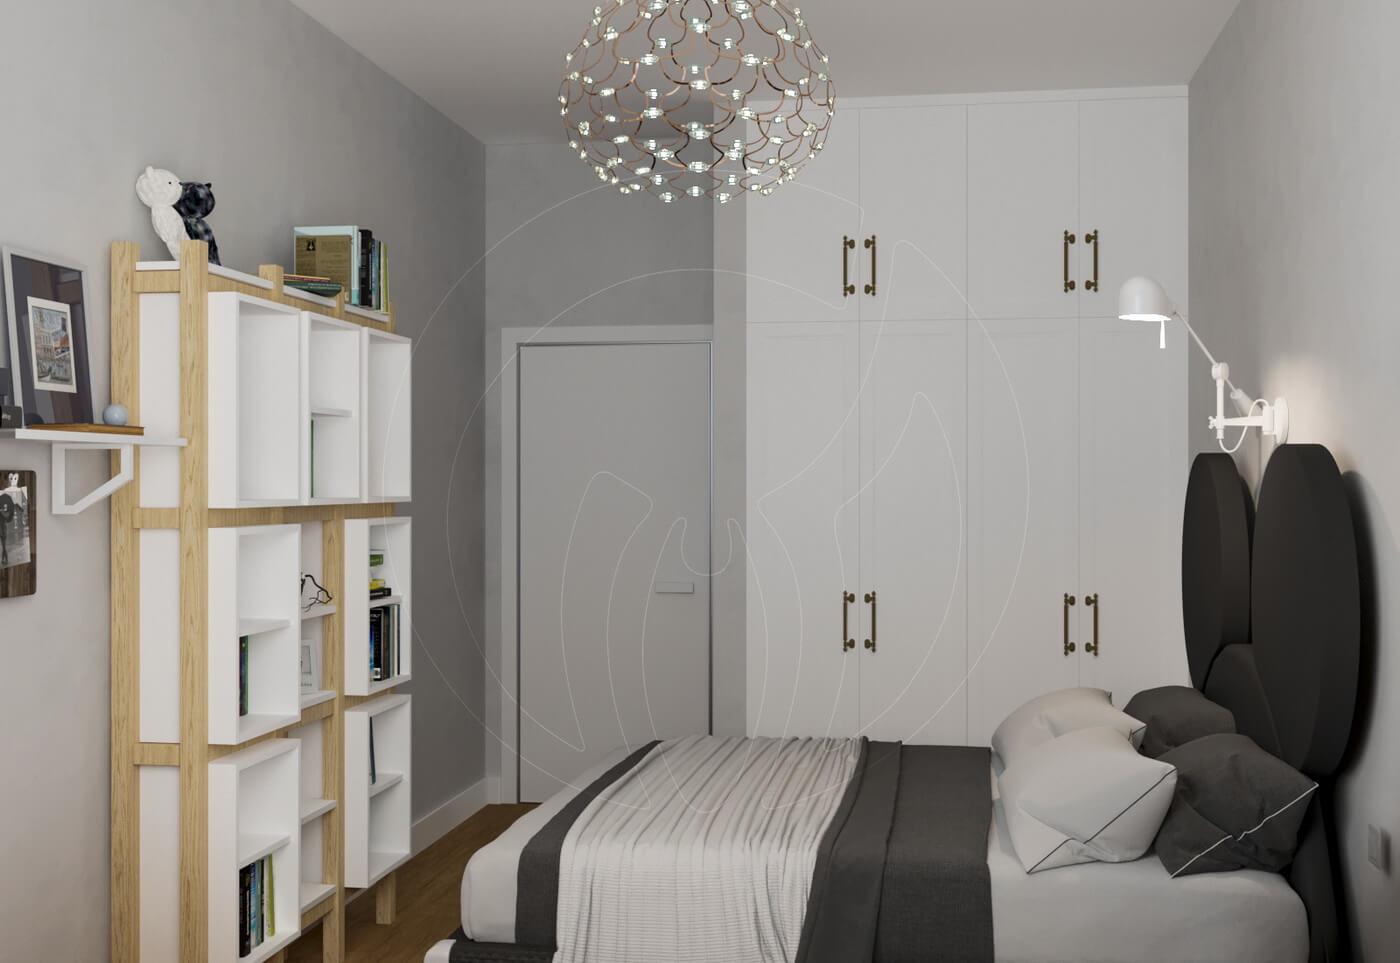 Квартира в скандинавском стиле и стиле LOFT. Детская комната в скандинасском стиле. Белый шкаф